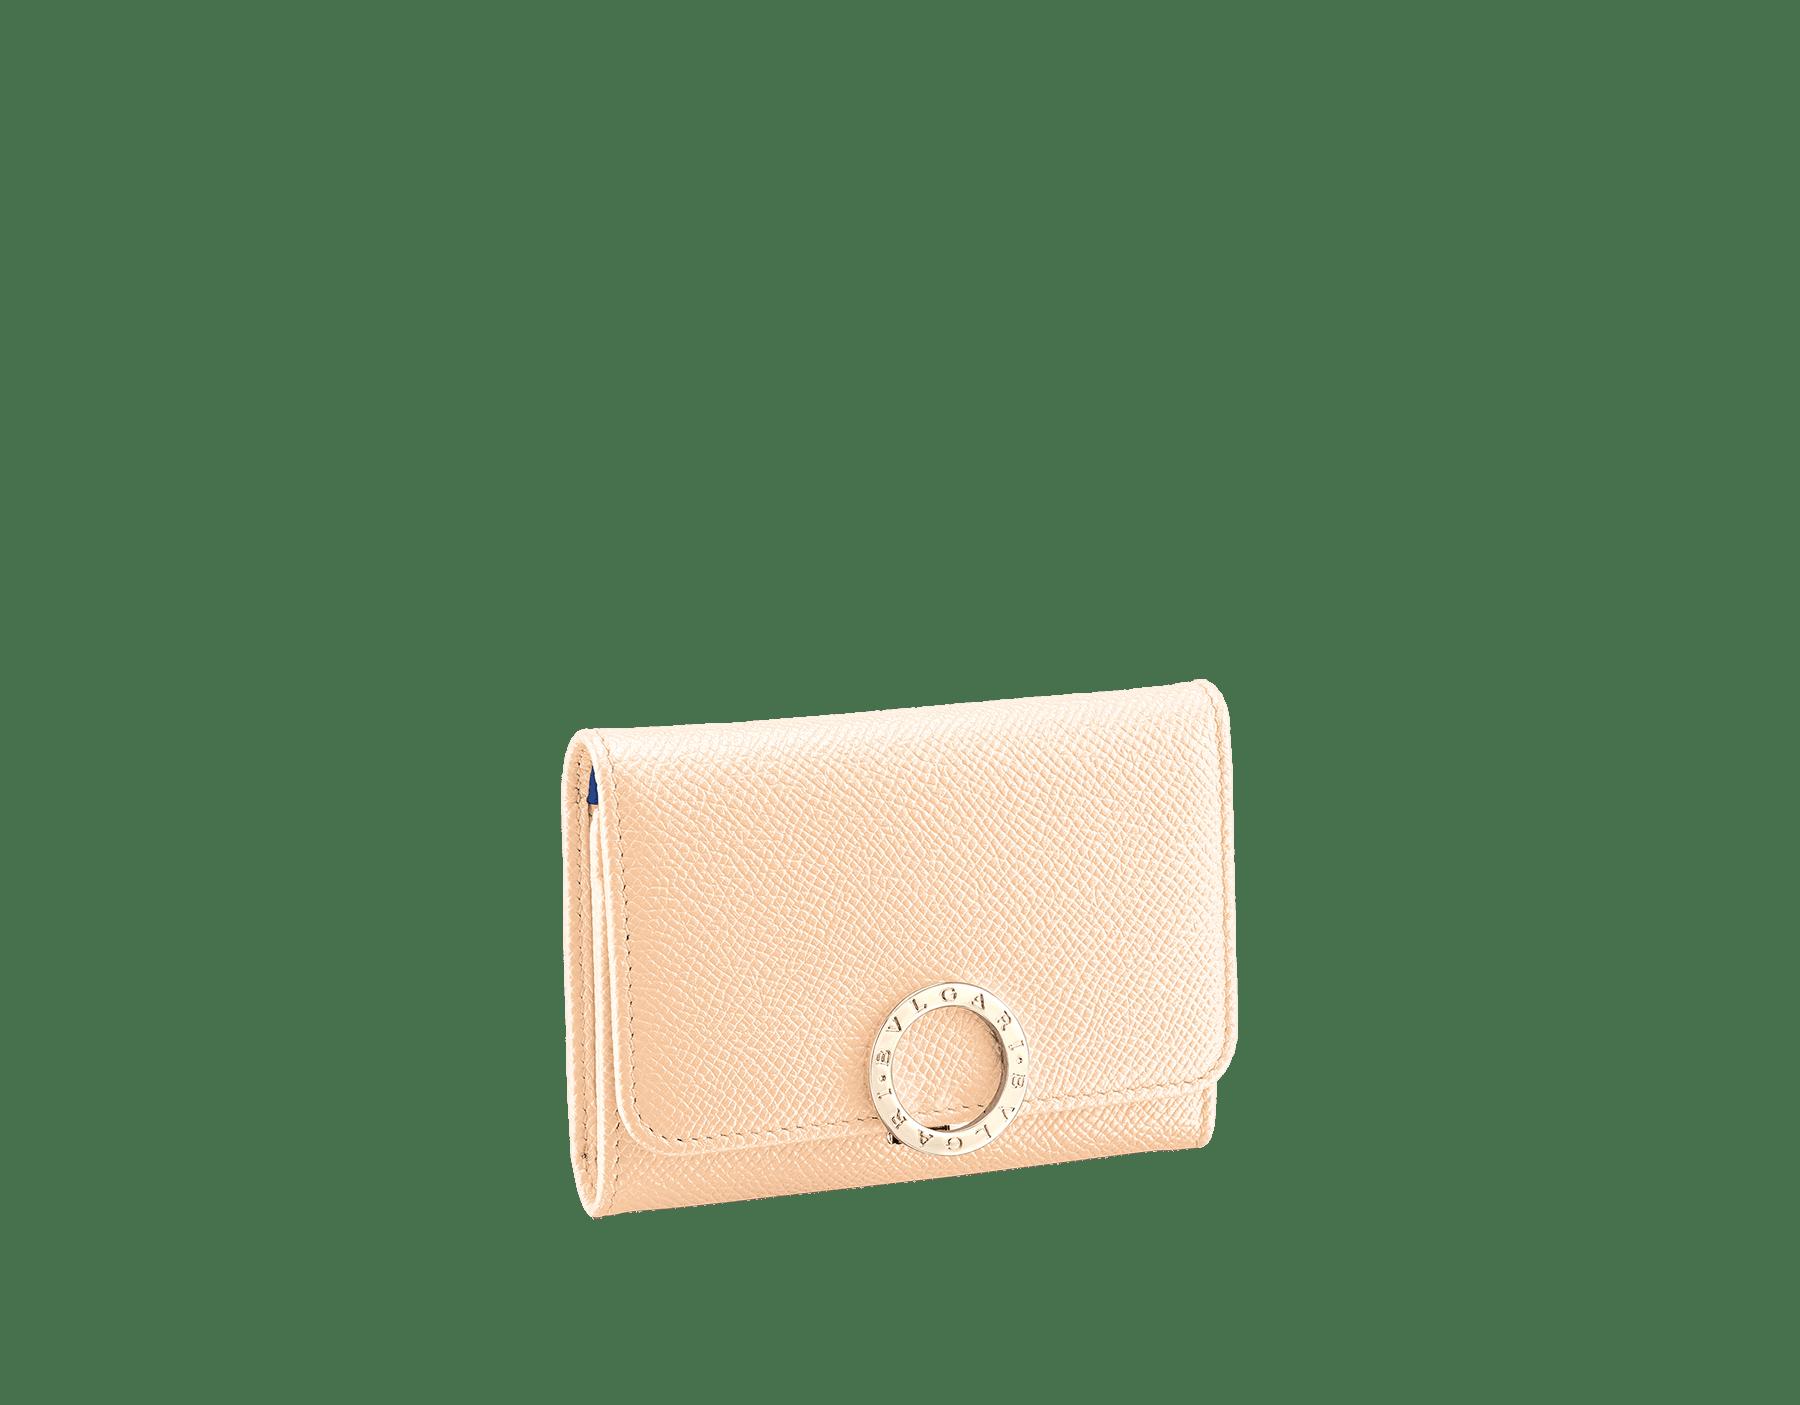 ピーチのブライトグレインカーフレザーおよびLavander Amethystライラックのナッパレザー製の「ブルガリ・ブルガリ」ビジネスカードホルダー。 ブラスライトゴールドプレートのアイコニックなロゴクリップクロージャー。 579-BC-HOLDER-BGCLa image 1